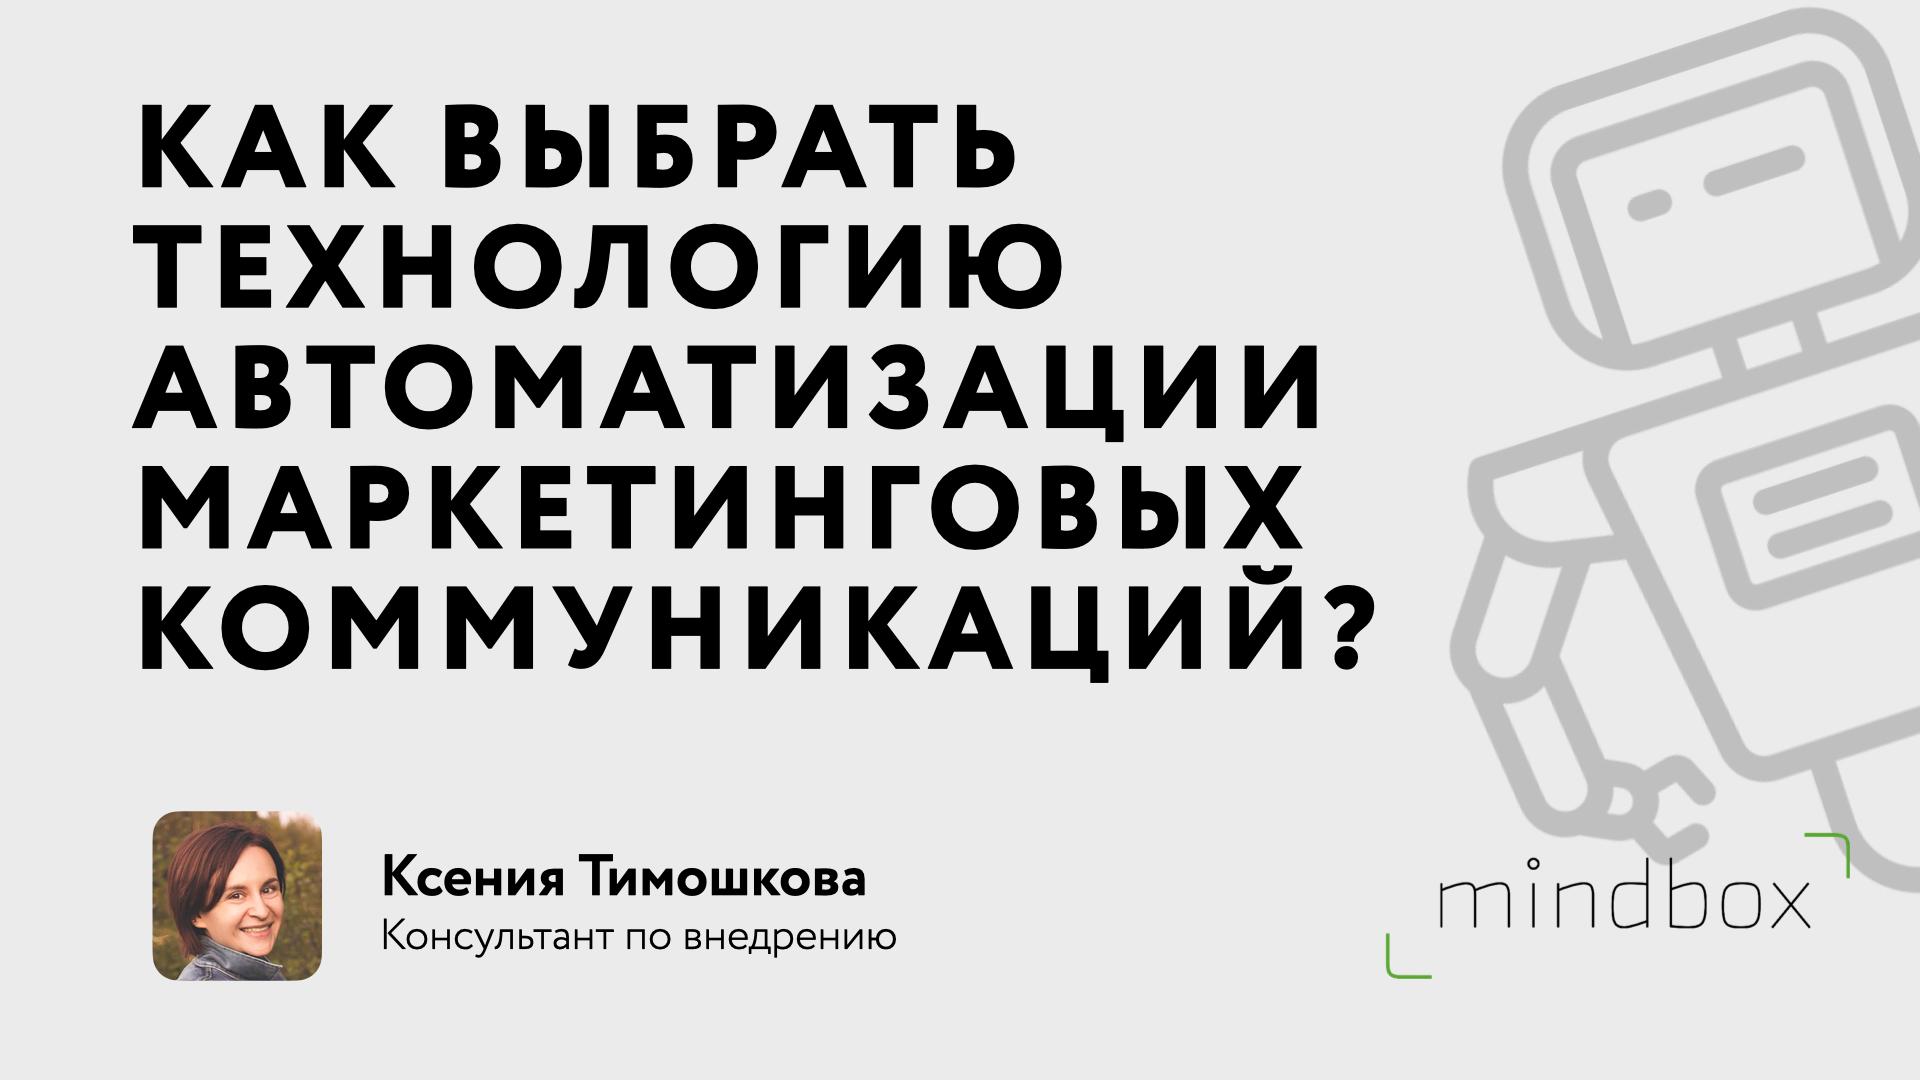 Выступление Ксении Тимошковой на Ecom Expo, 2019